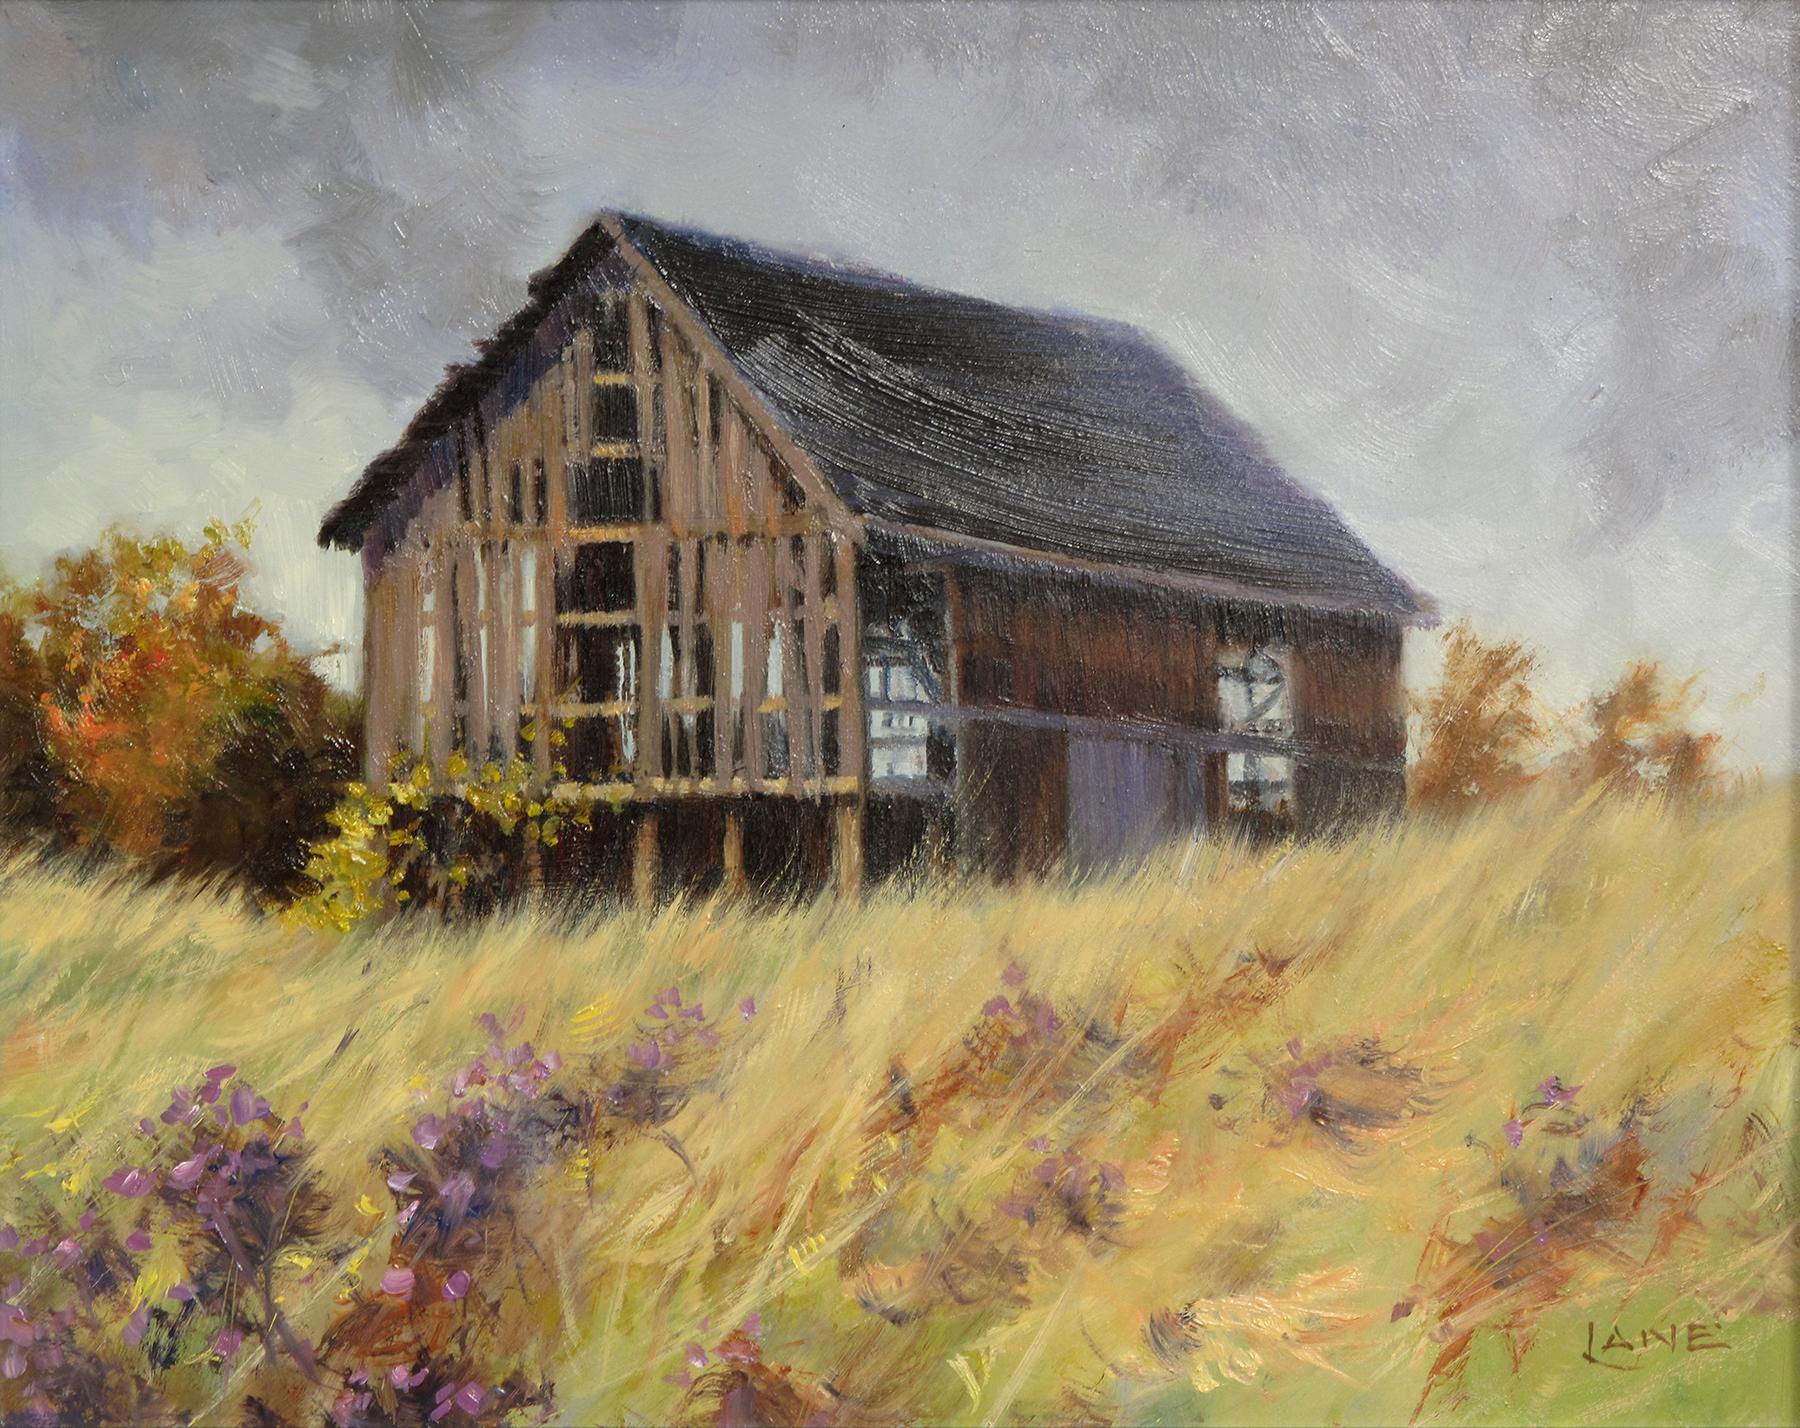 Nancy Lane artwork